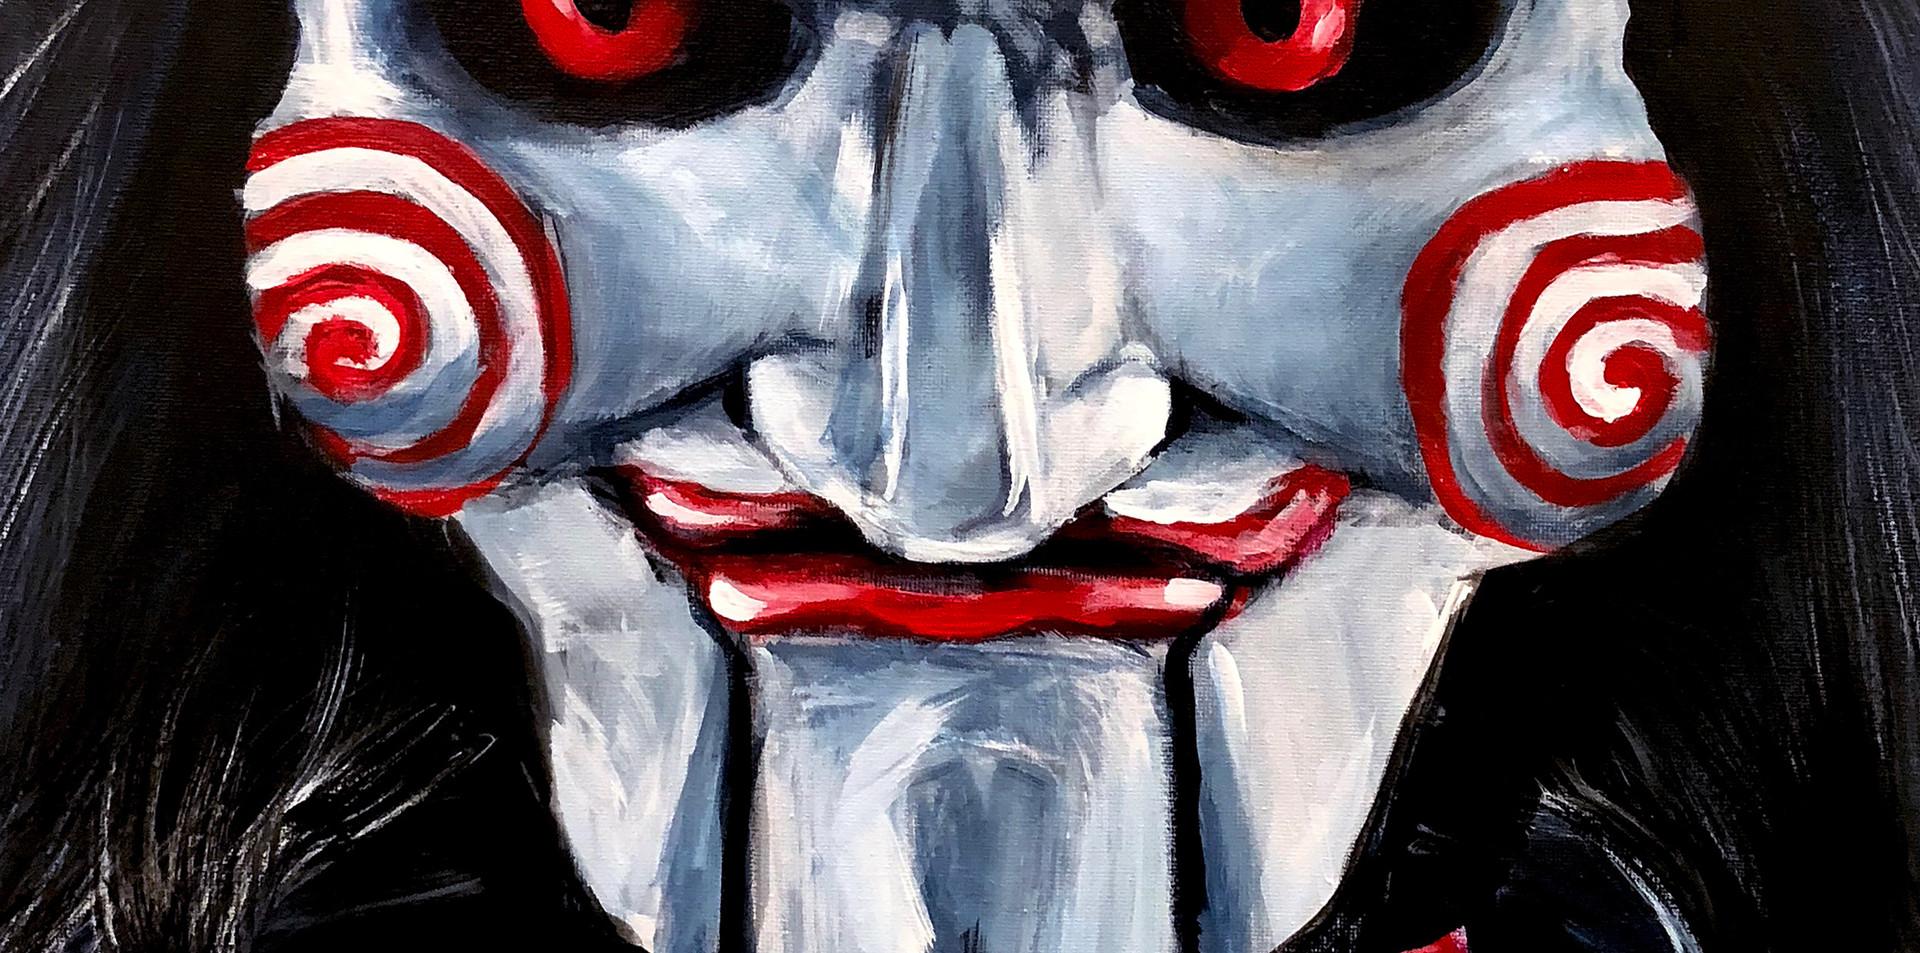 The Jigsaw Killer